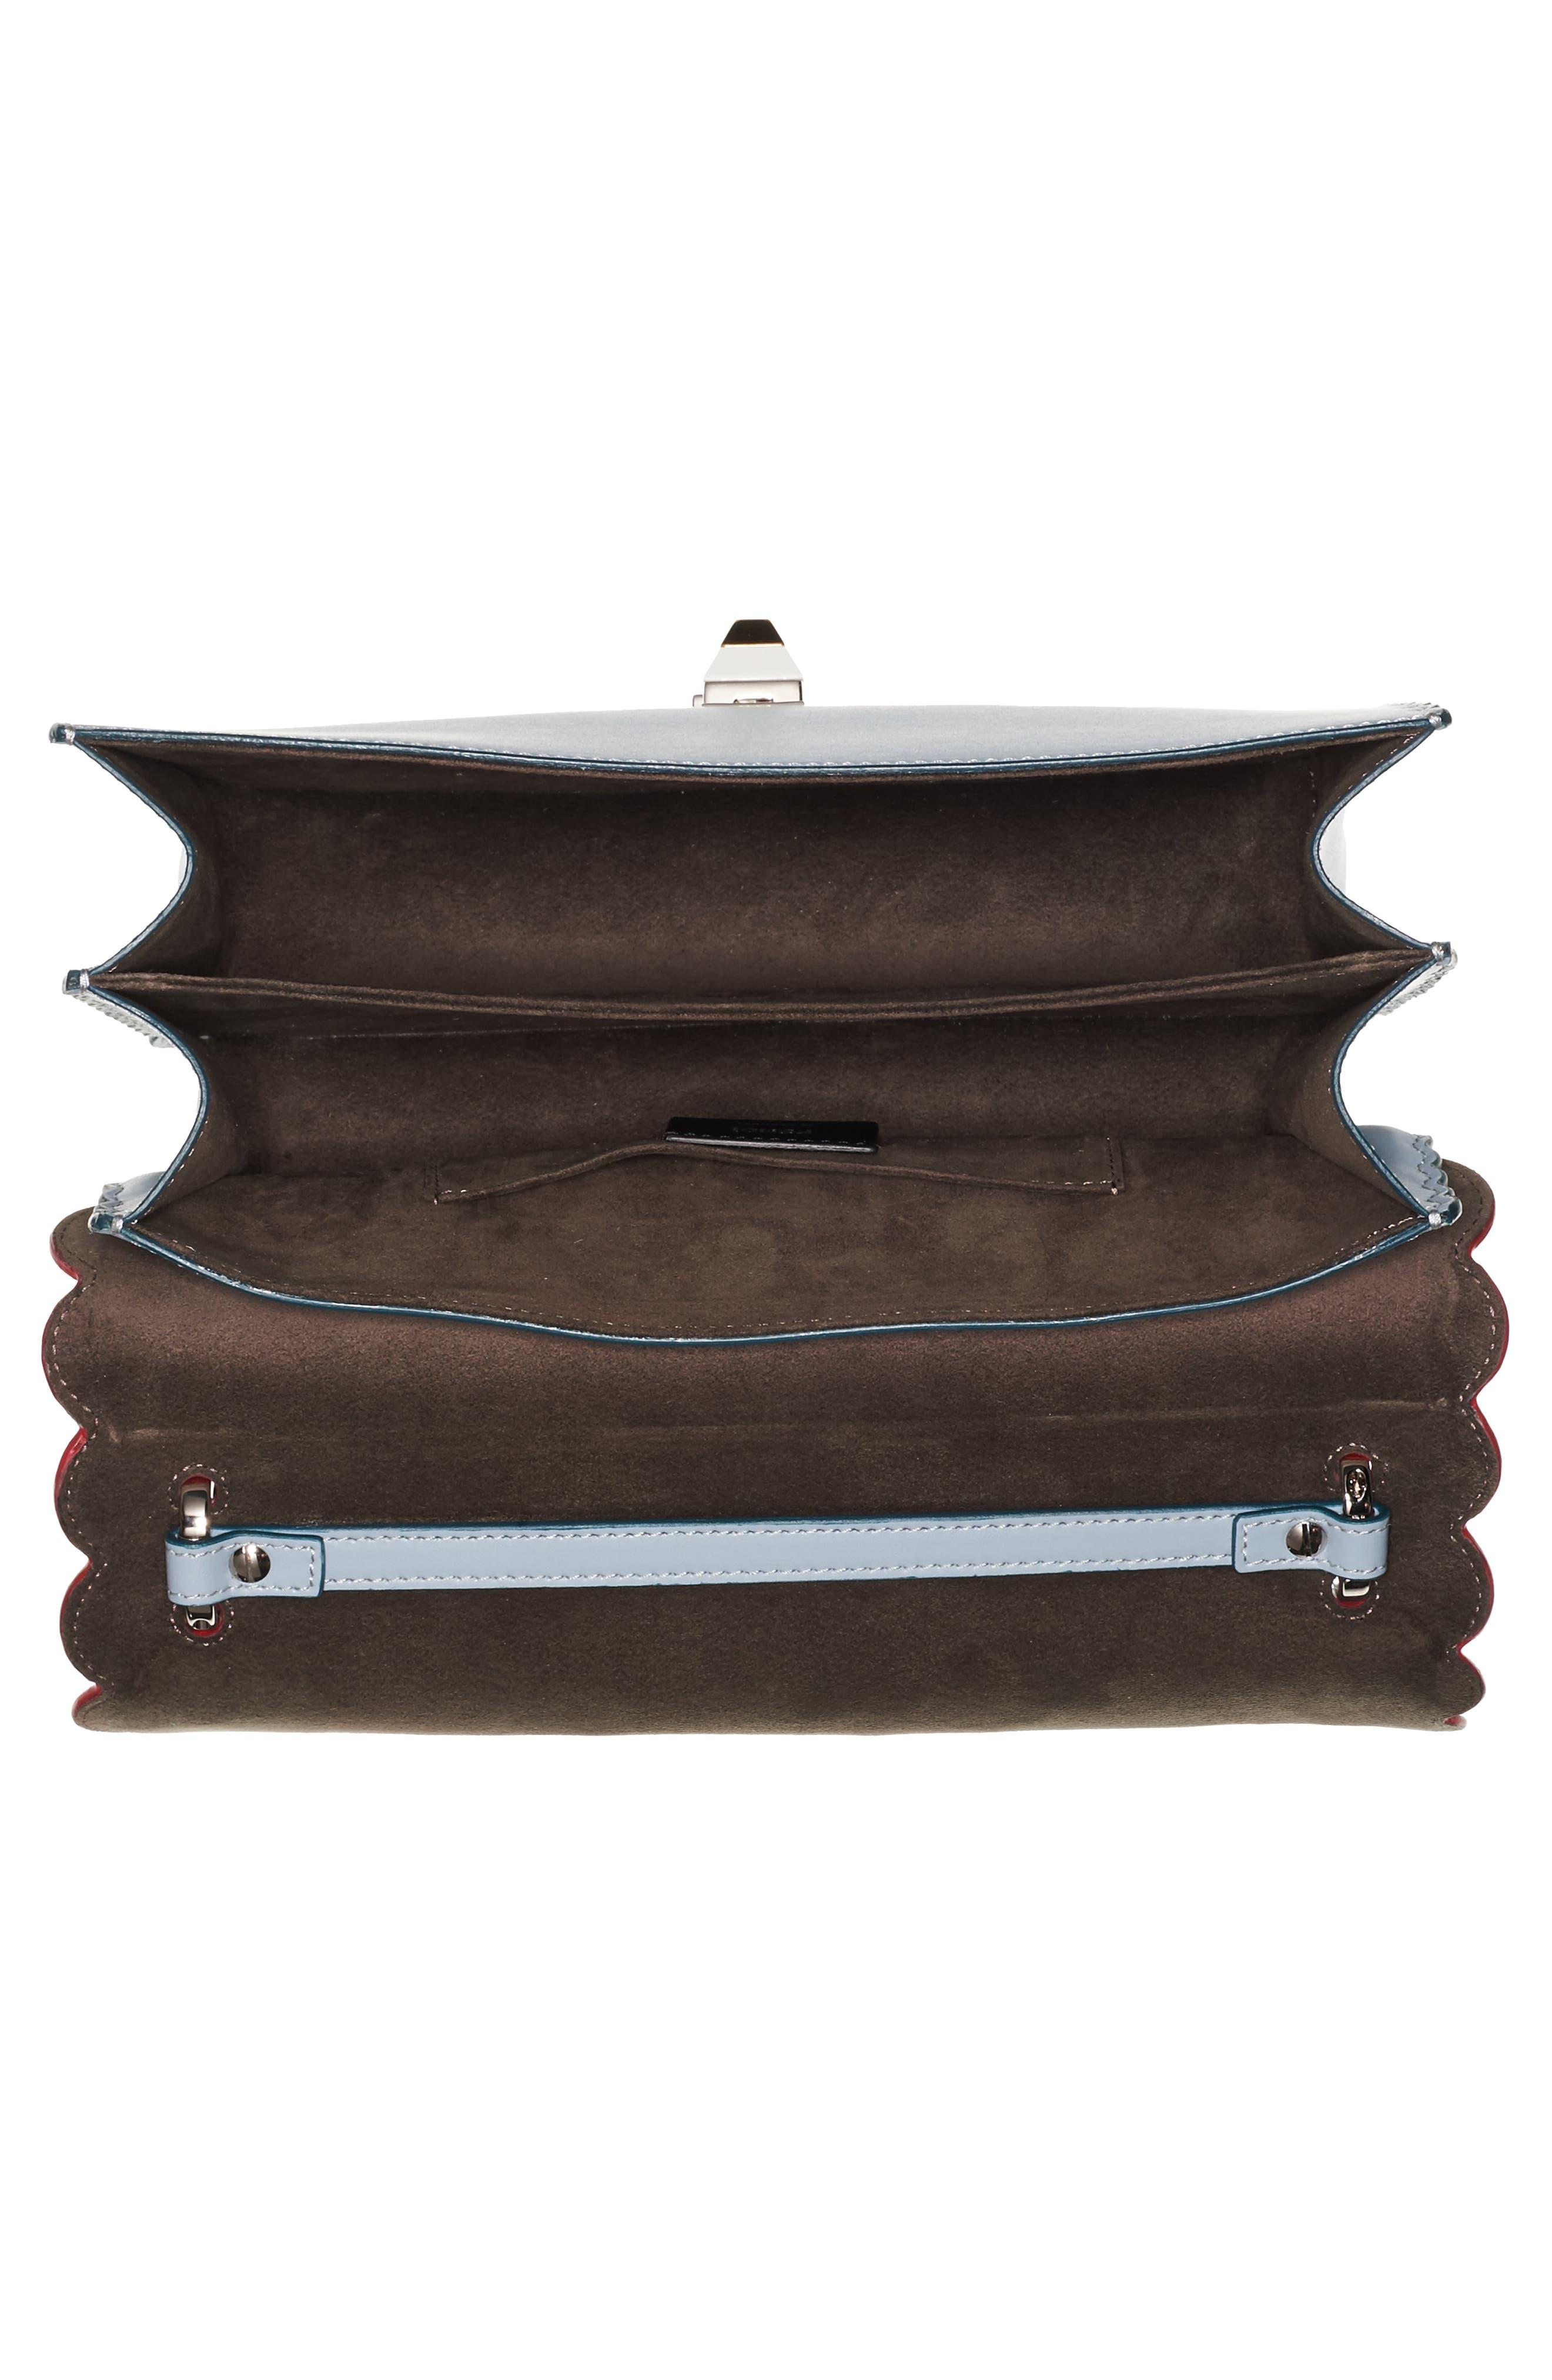 Alternate Image 3  - Fendi Kan I Liberty Leather Shoulder Bag